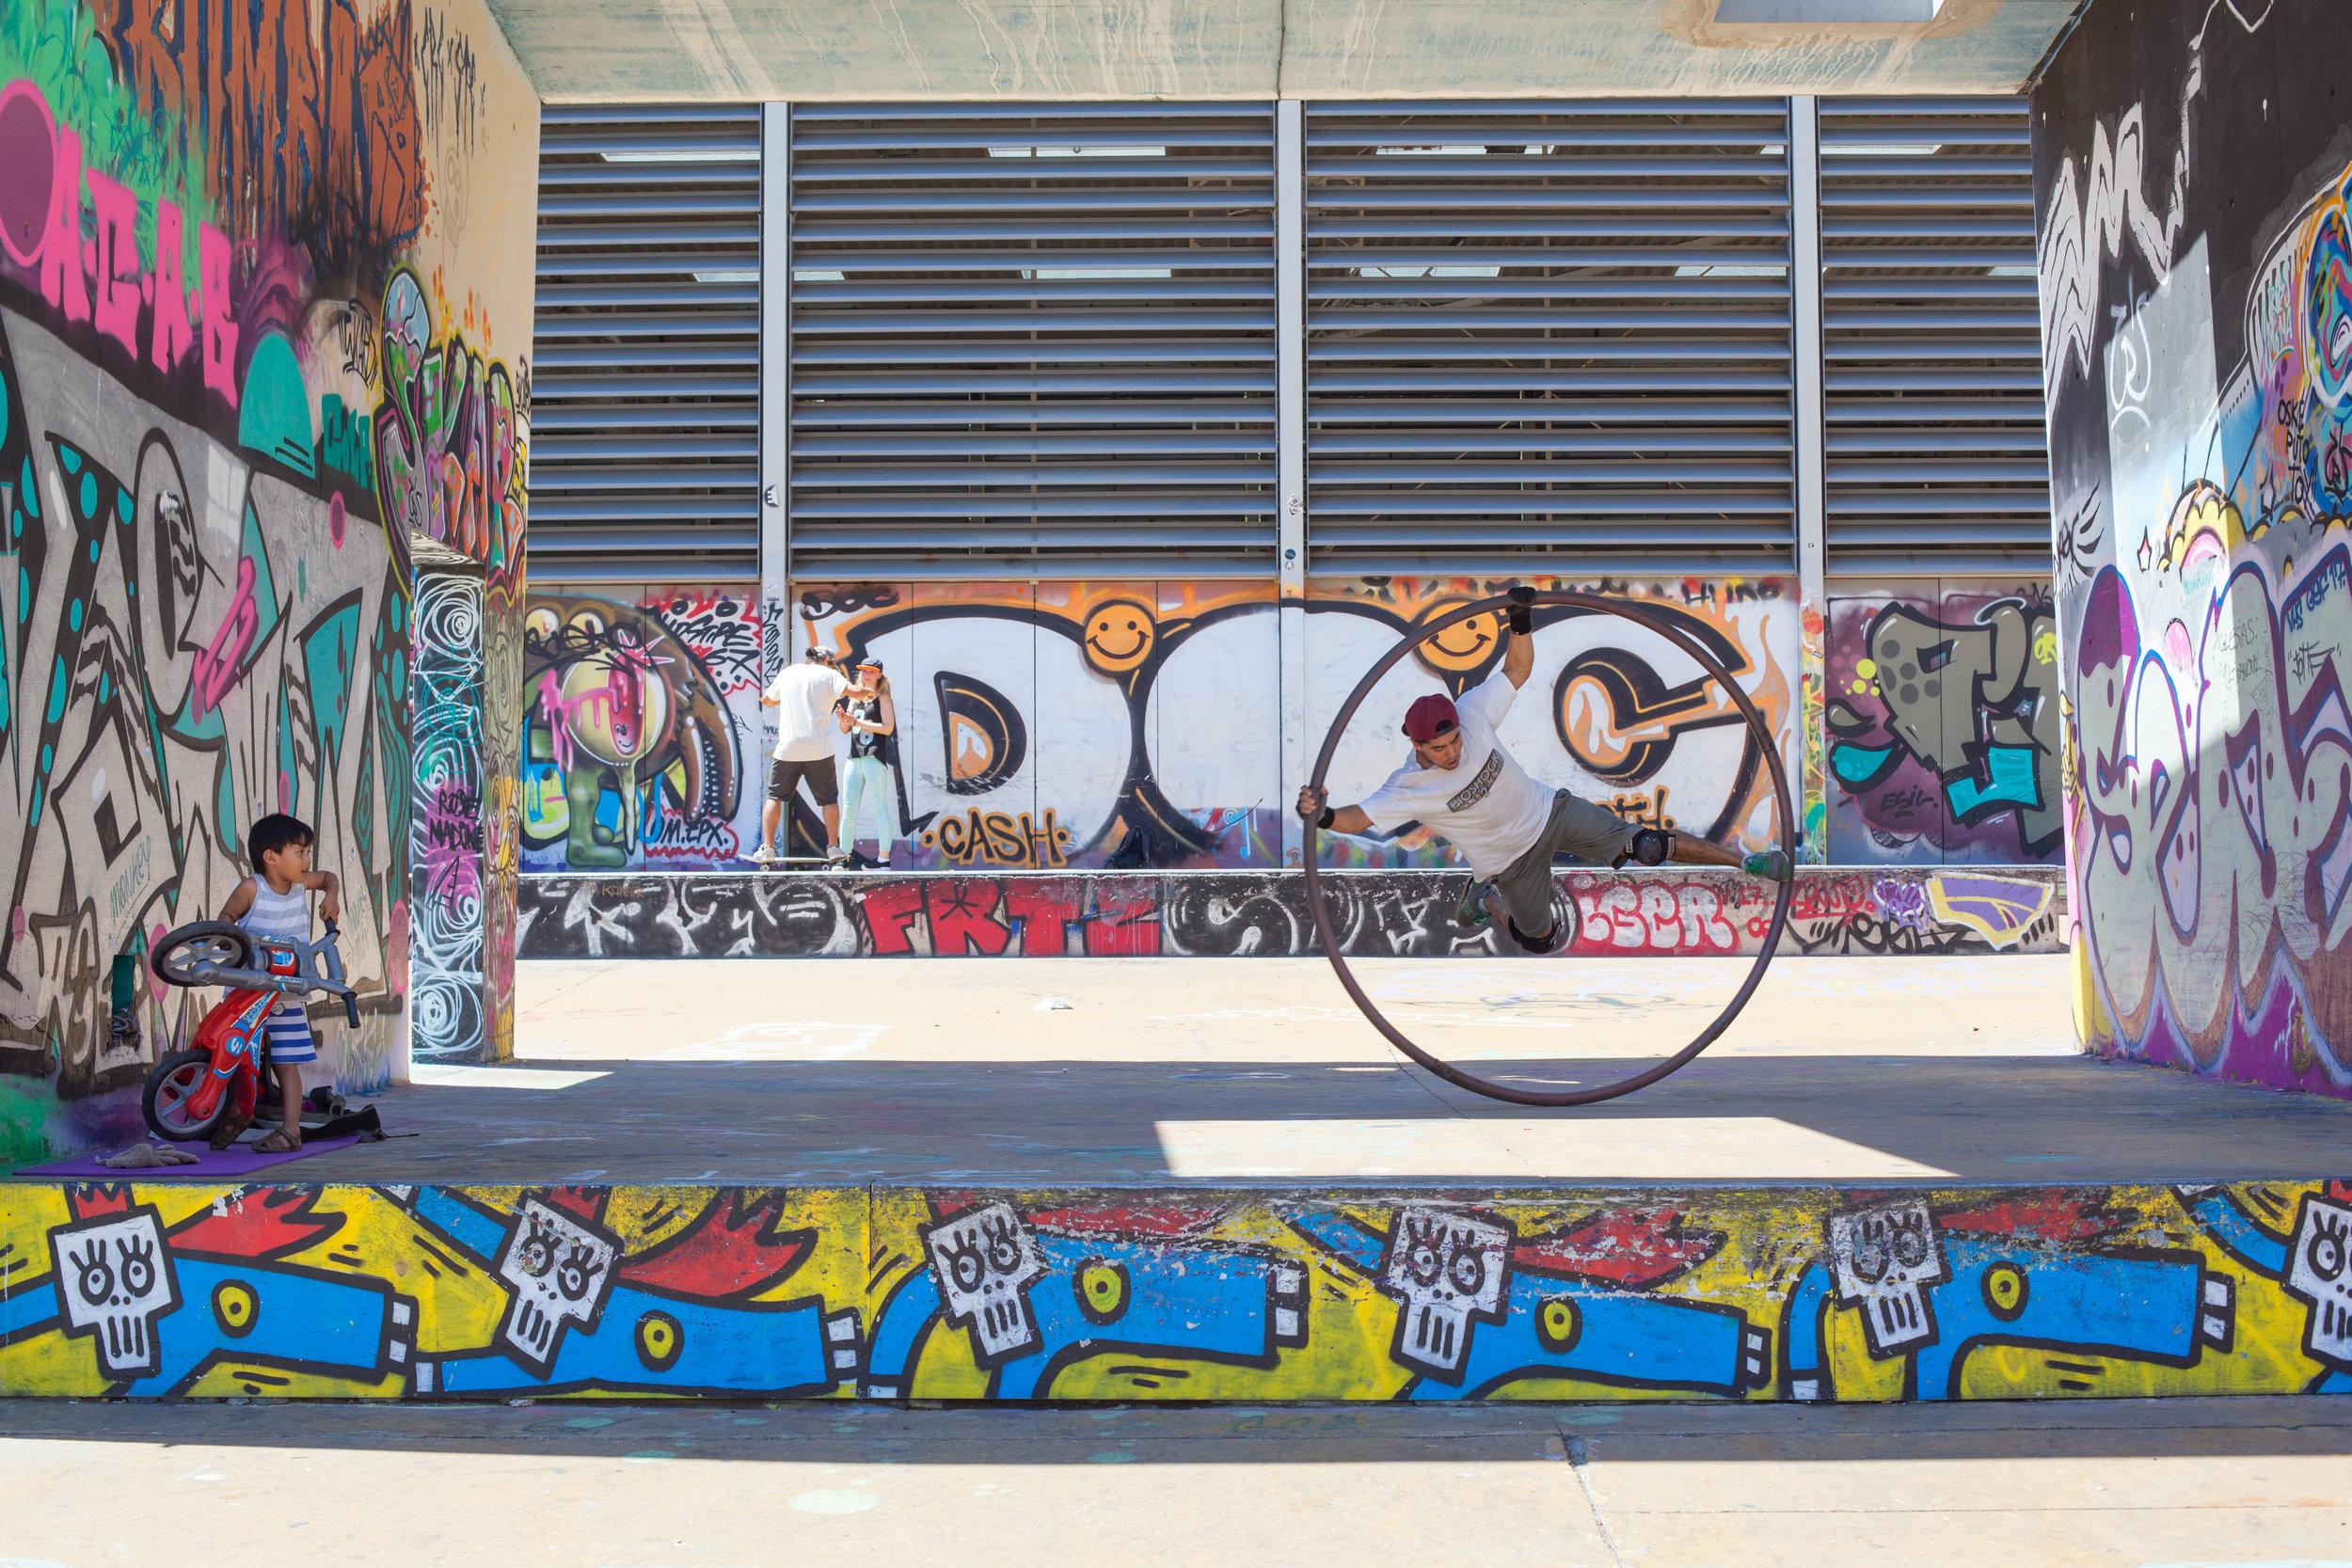 Street art & entertainment in Poble-Sec, Barcelona.